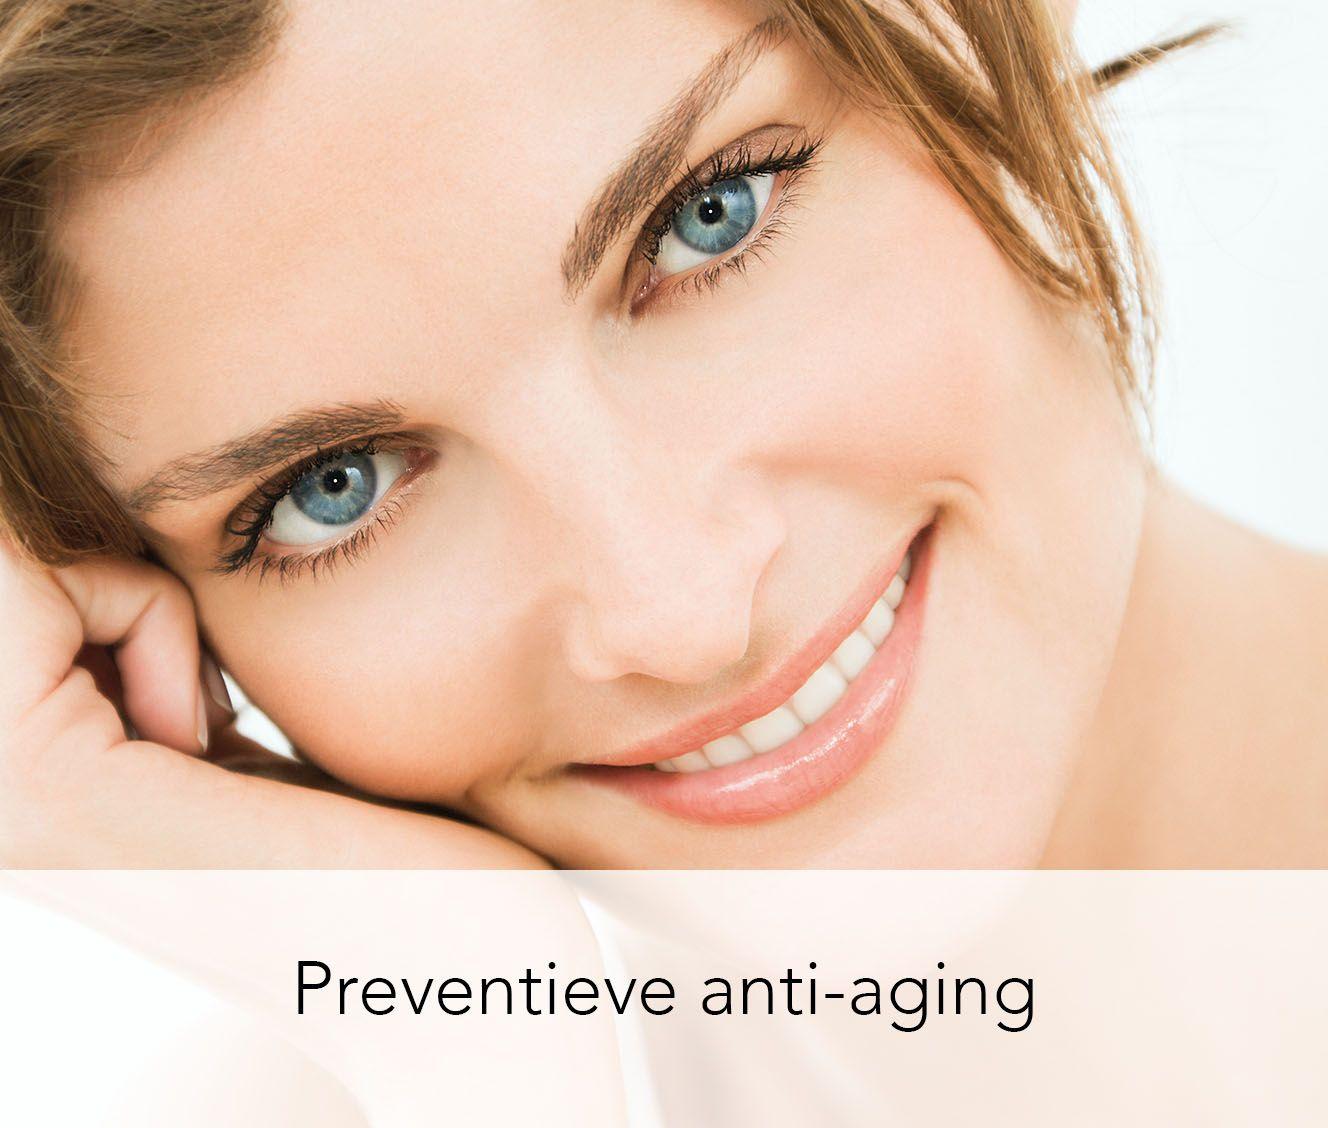 preventieve-ant-aging